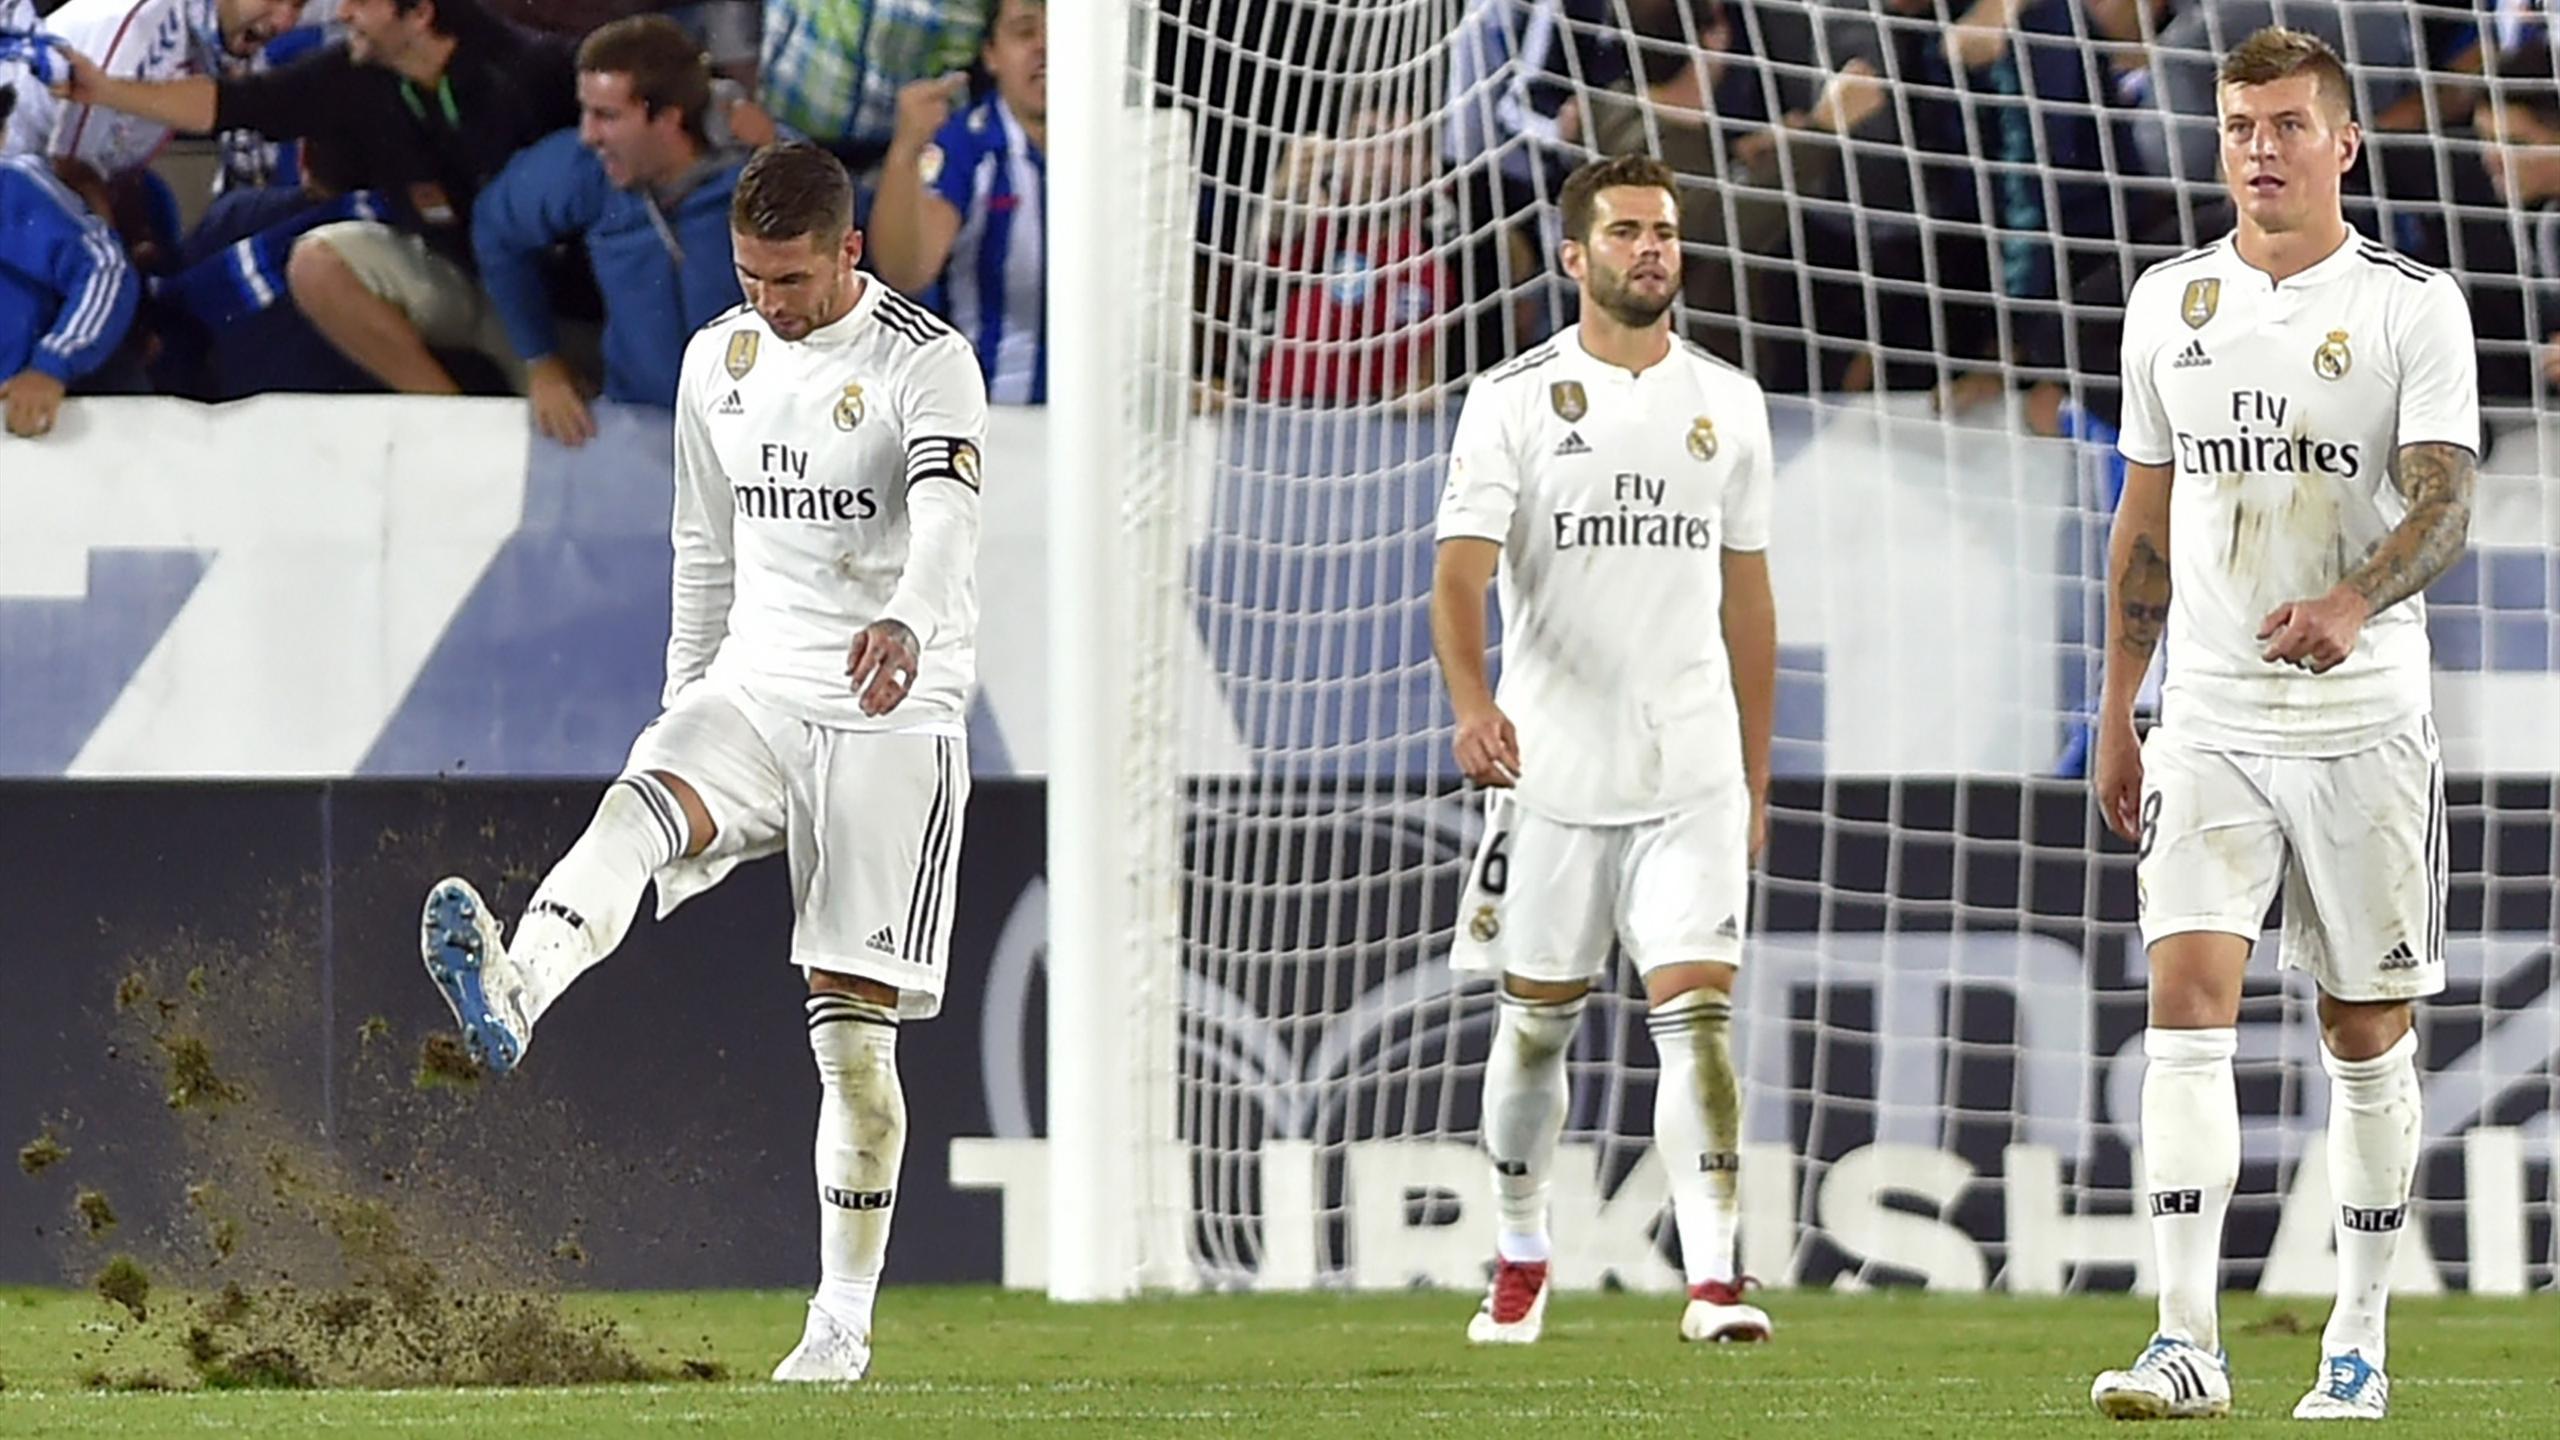 Футбол чемпионат испании новости трансферы